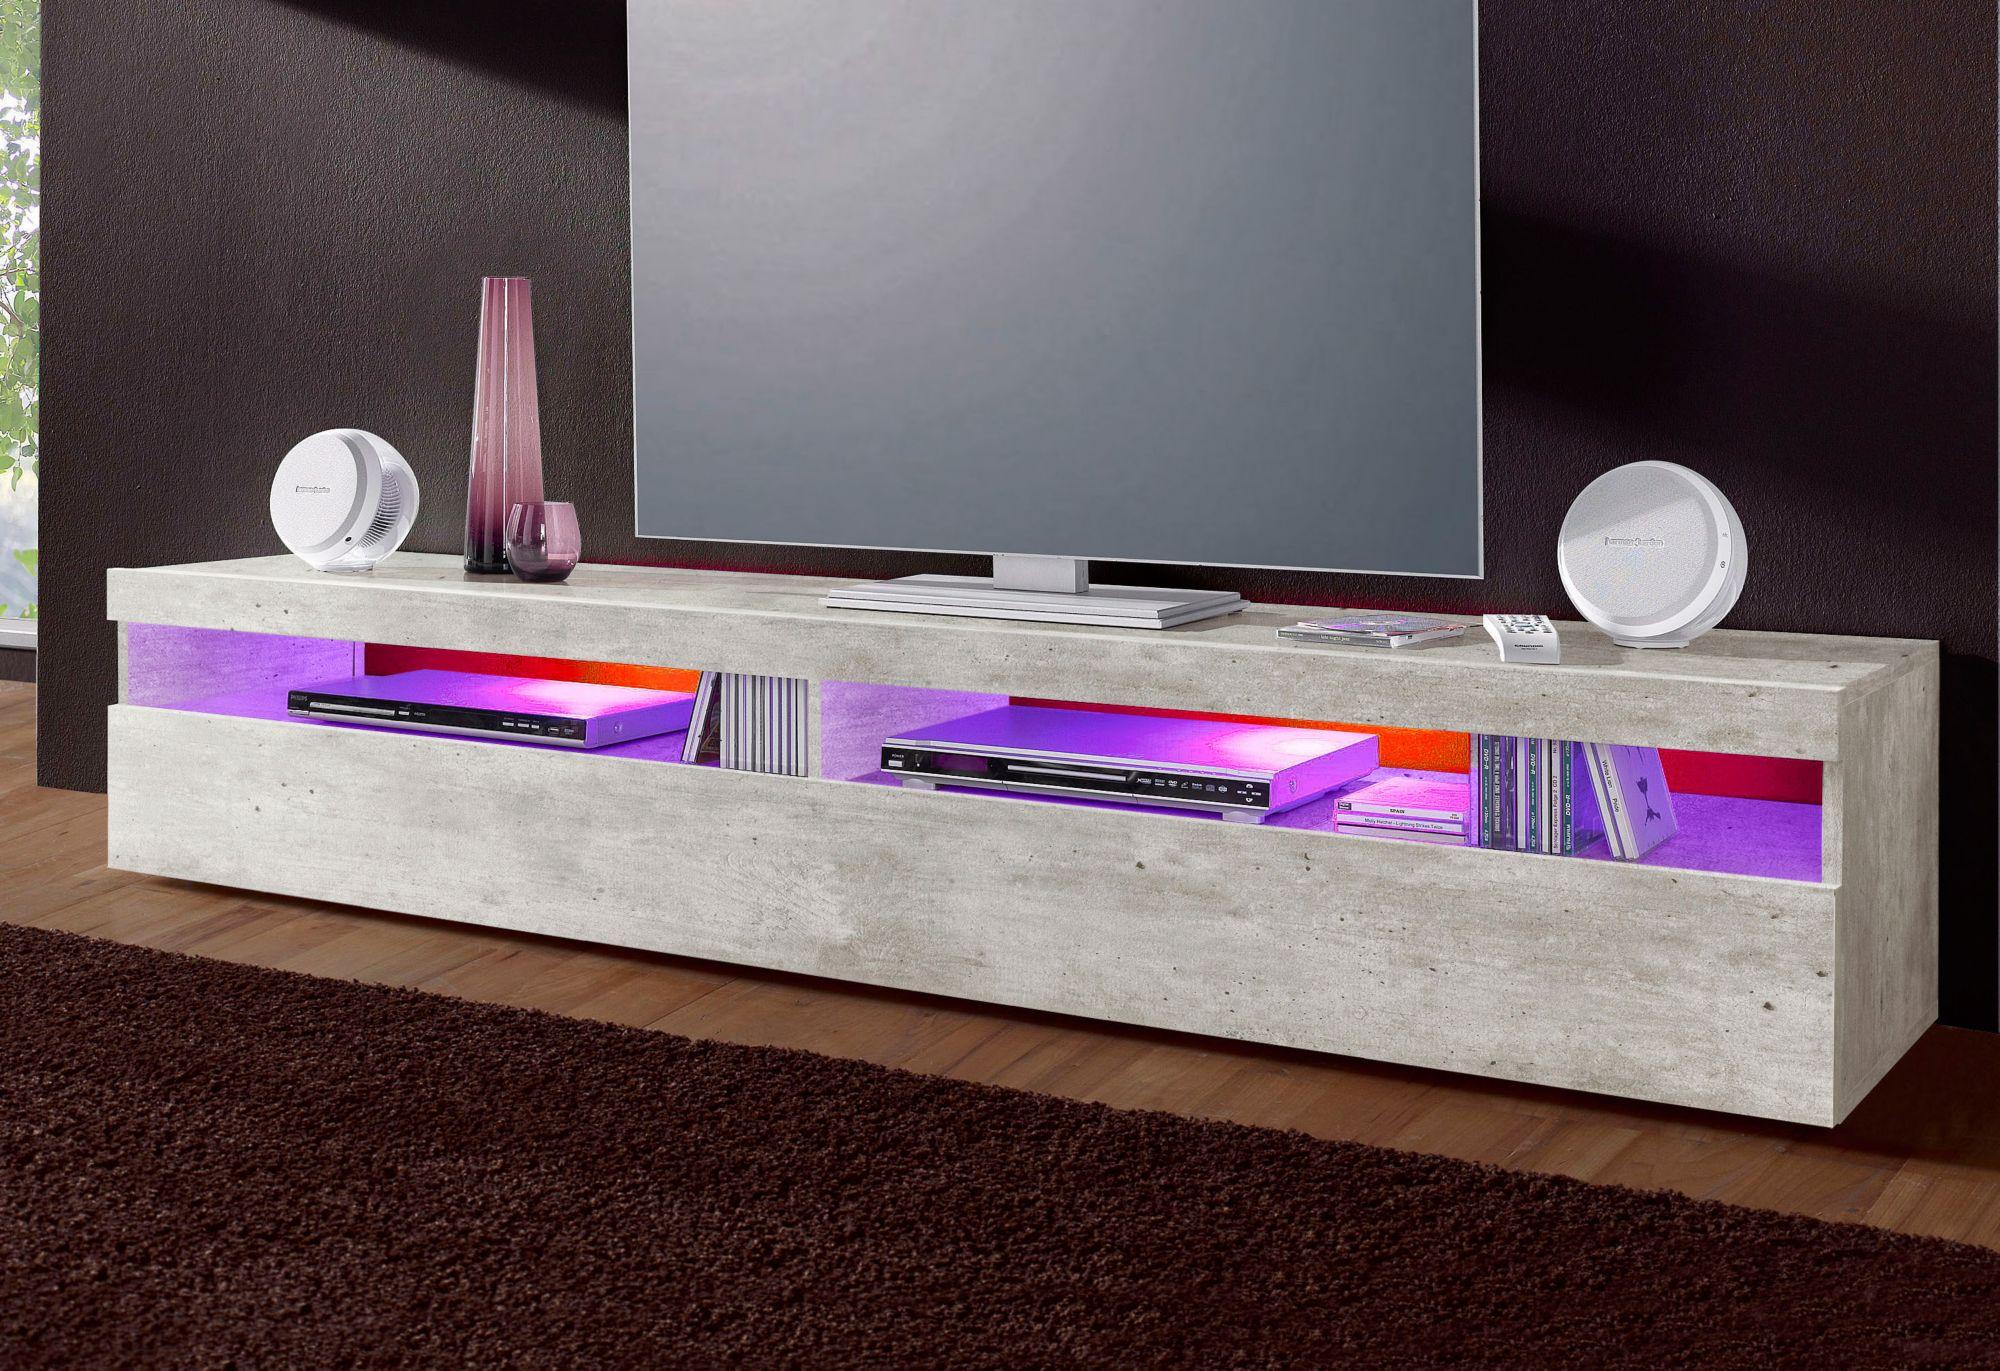 tecnos lowboard breite 130 cm oder 200 cm schwab versand tv lowboards. Black Bedroom Furniture Sets. Home Design Ideas